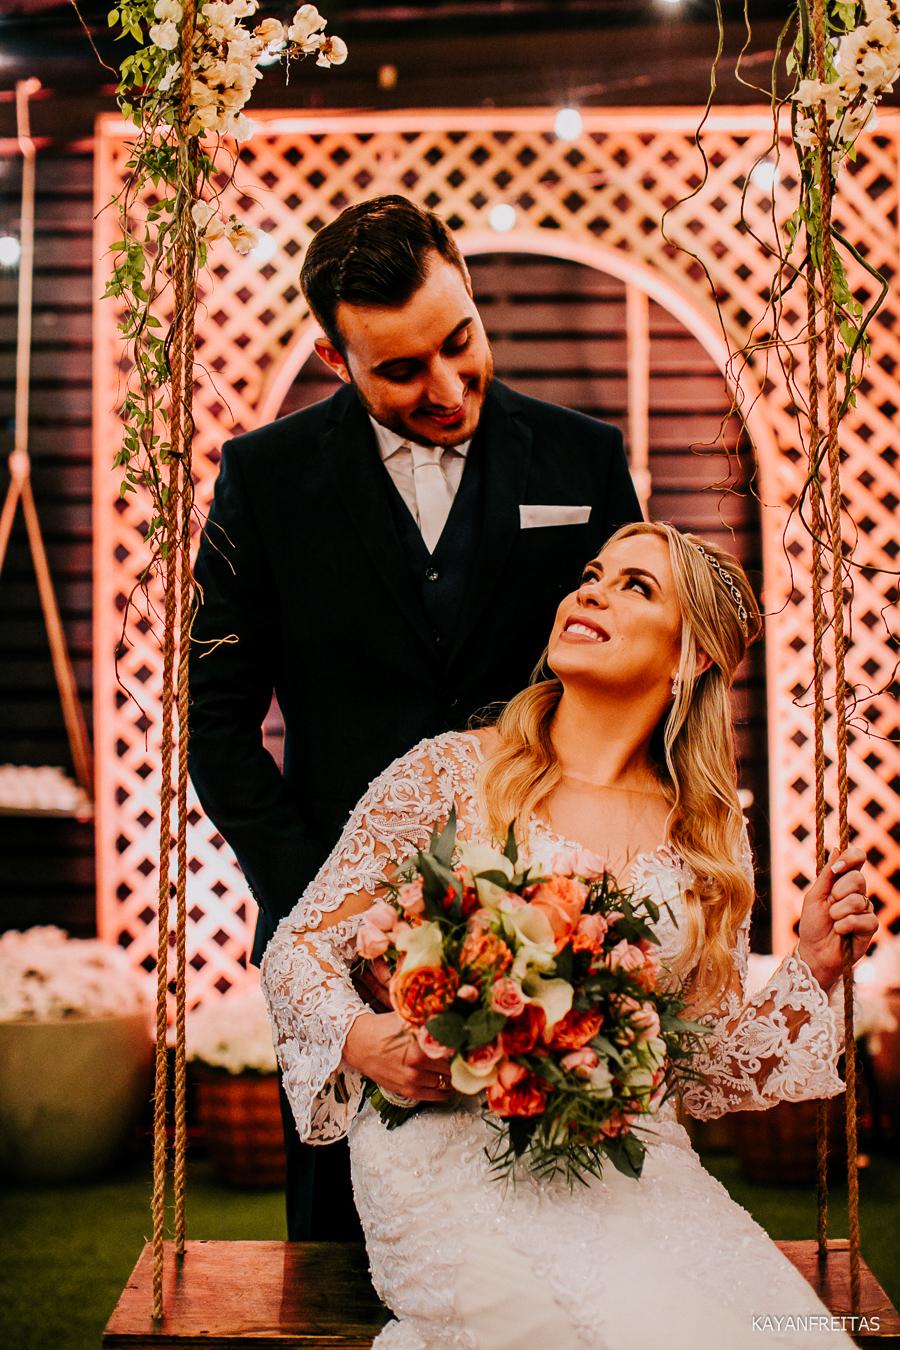 casamento-vila-dos-aracas-floripa-0124 Casamento Joana e Guilherme - Vila dos Araças